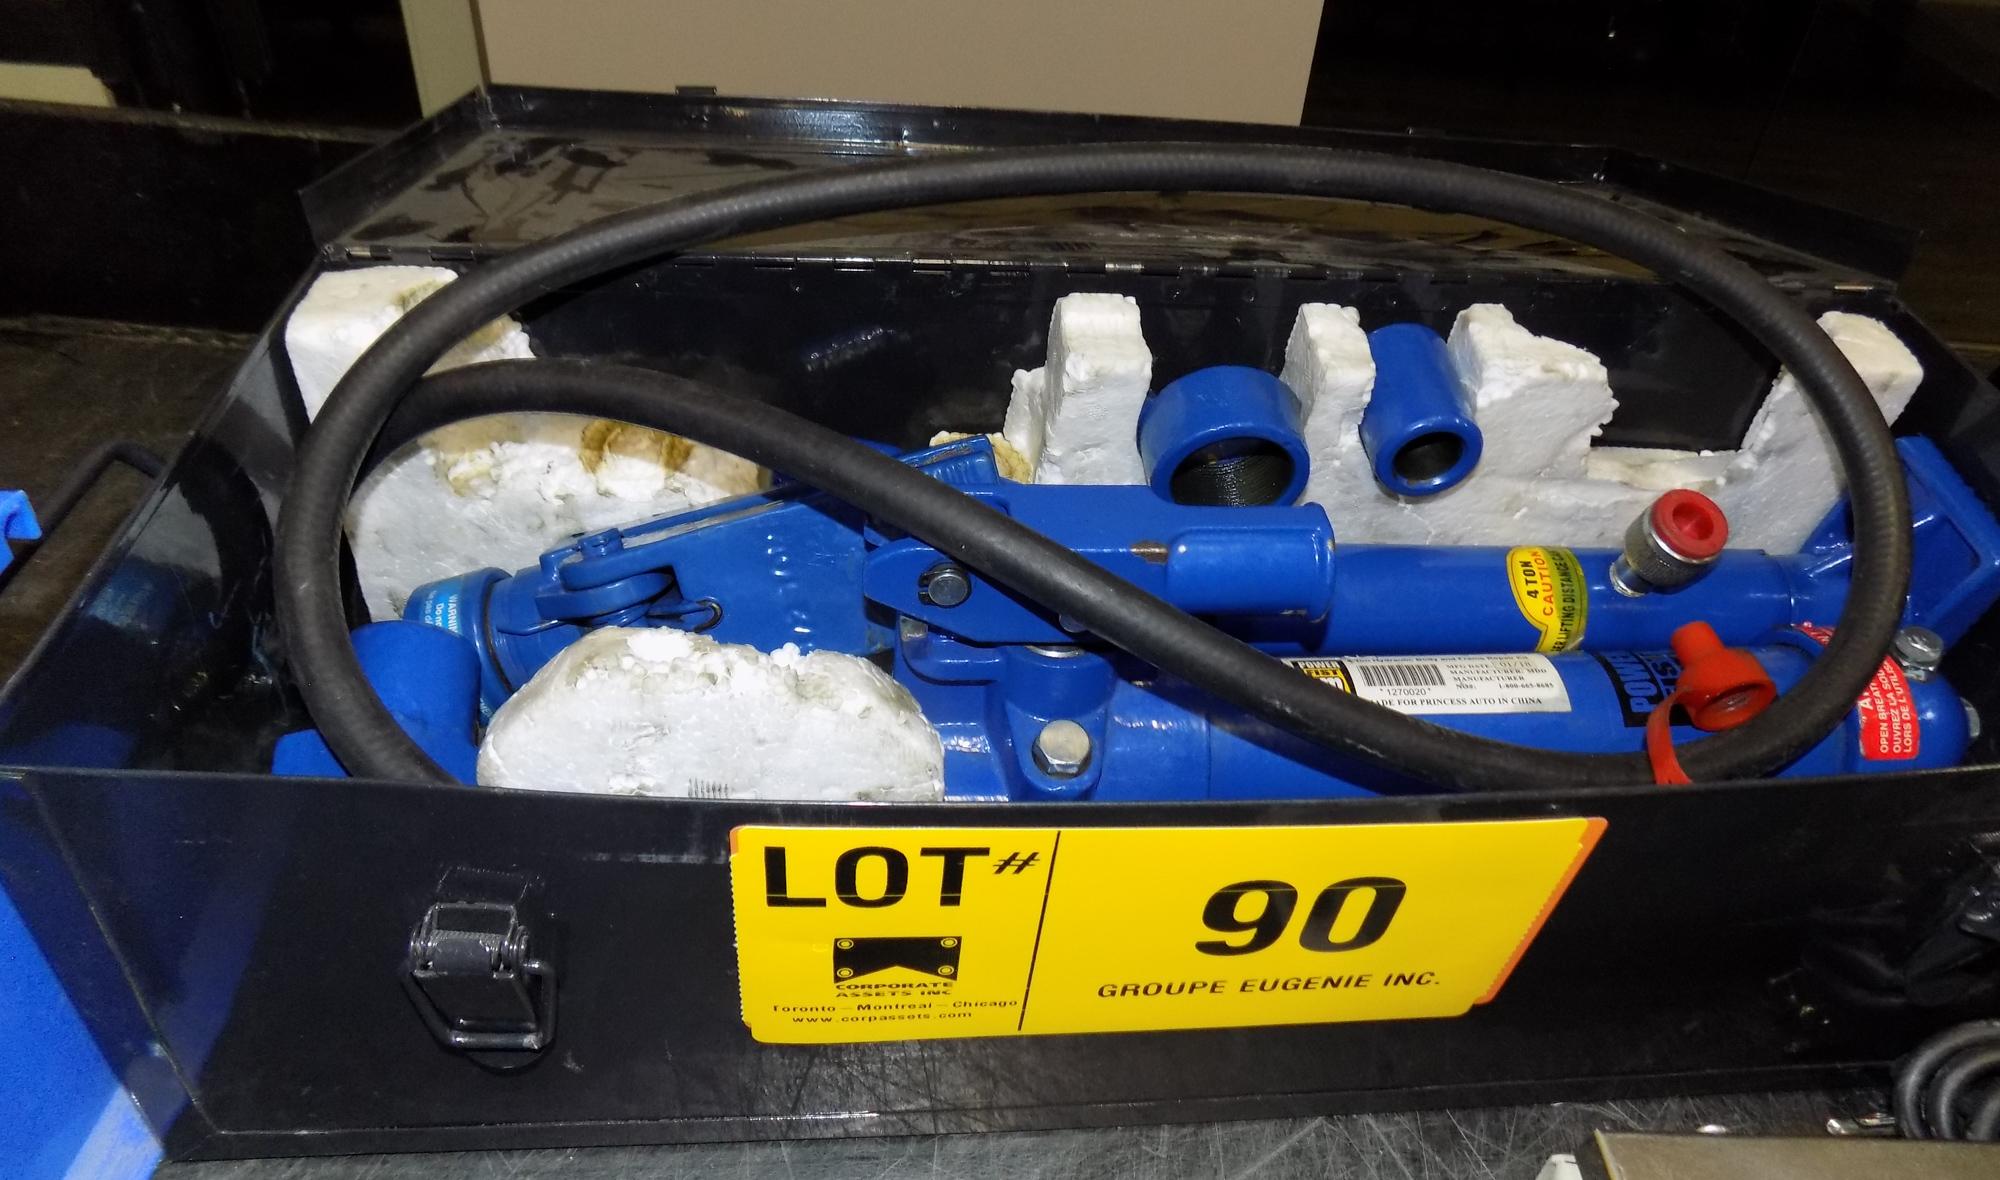 Lot 90 - HYDRAULIC BODY REPAIR SET